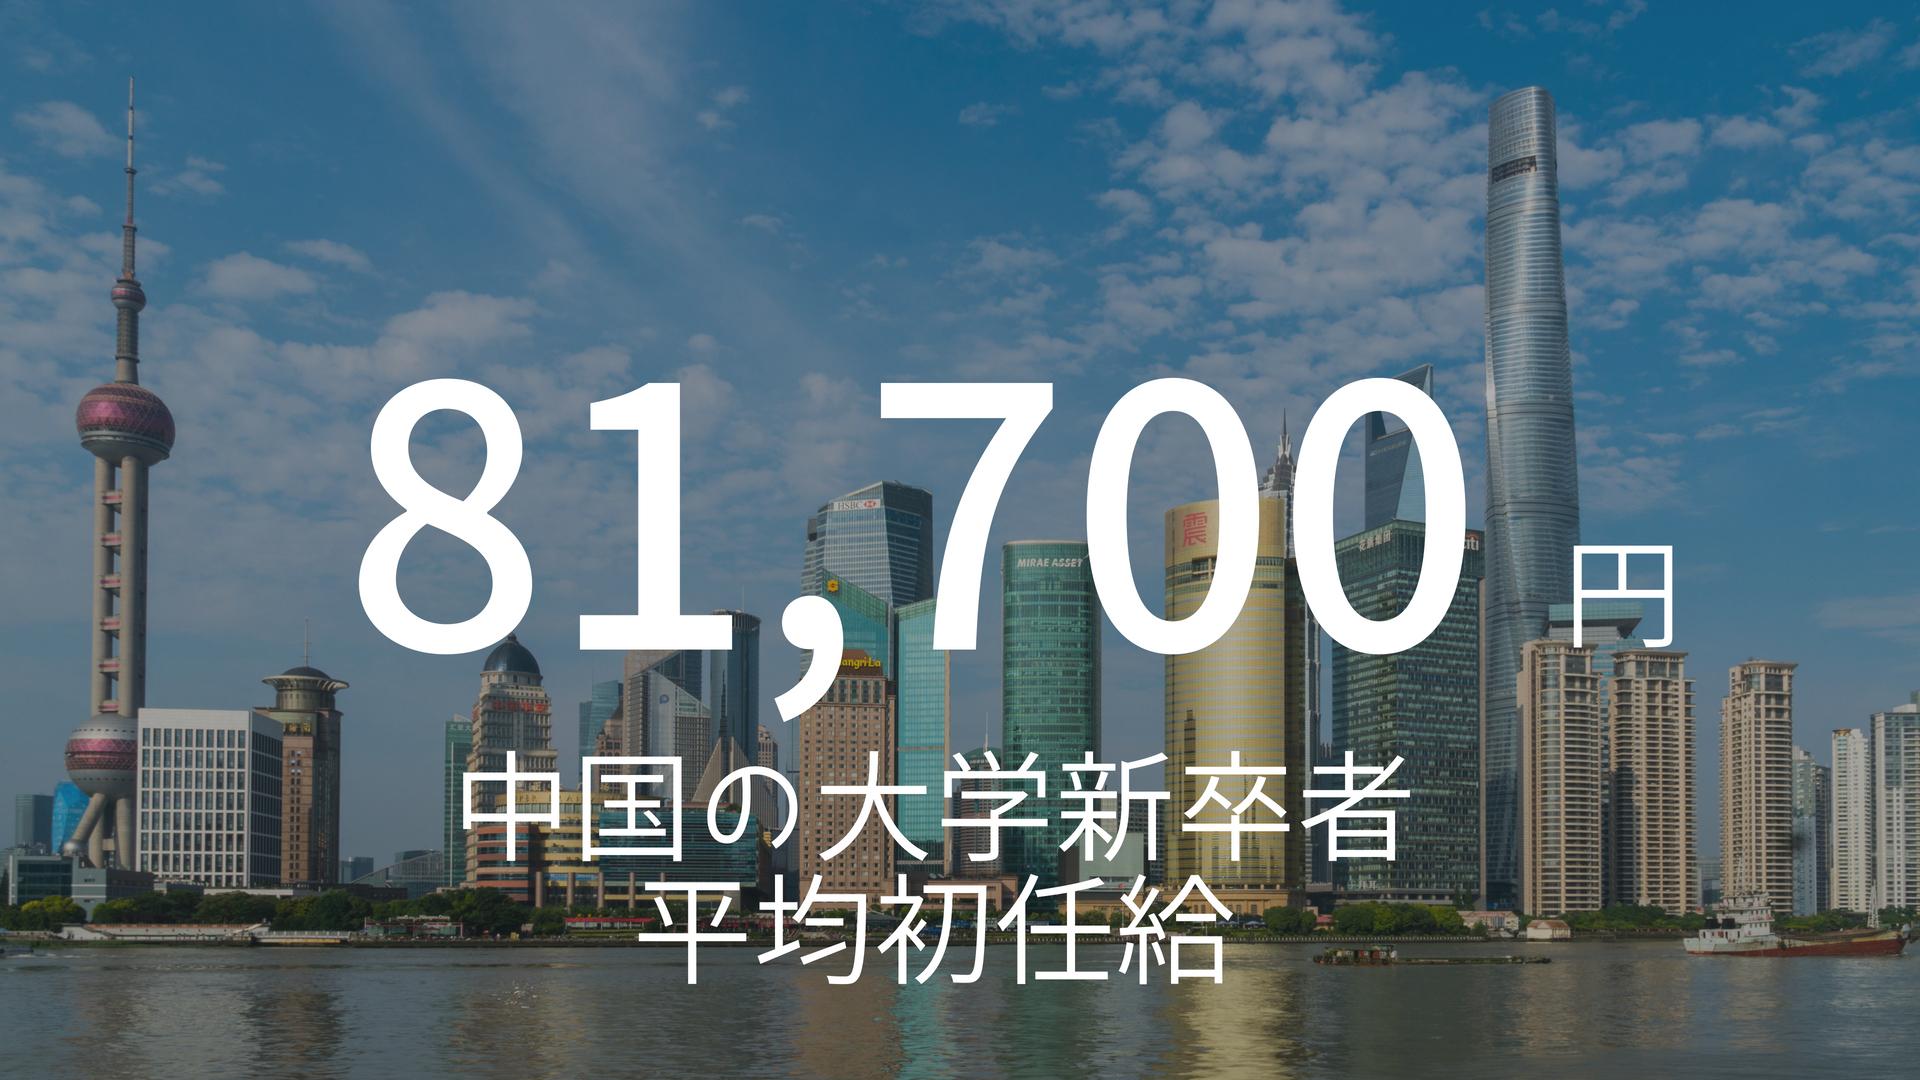 「81,700円」 >>> 意外と安い?意外と高い?中国での大学新卒者の初任給平均